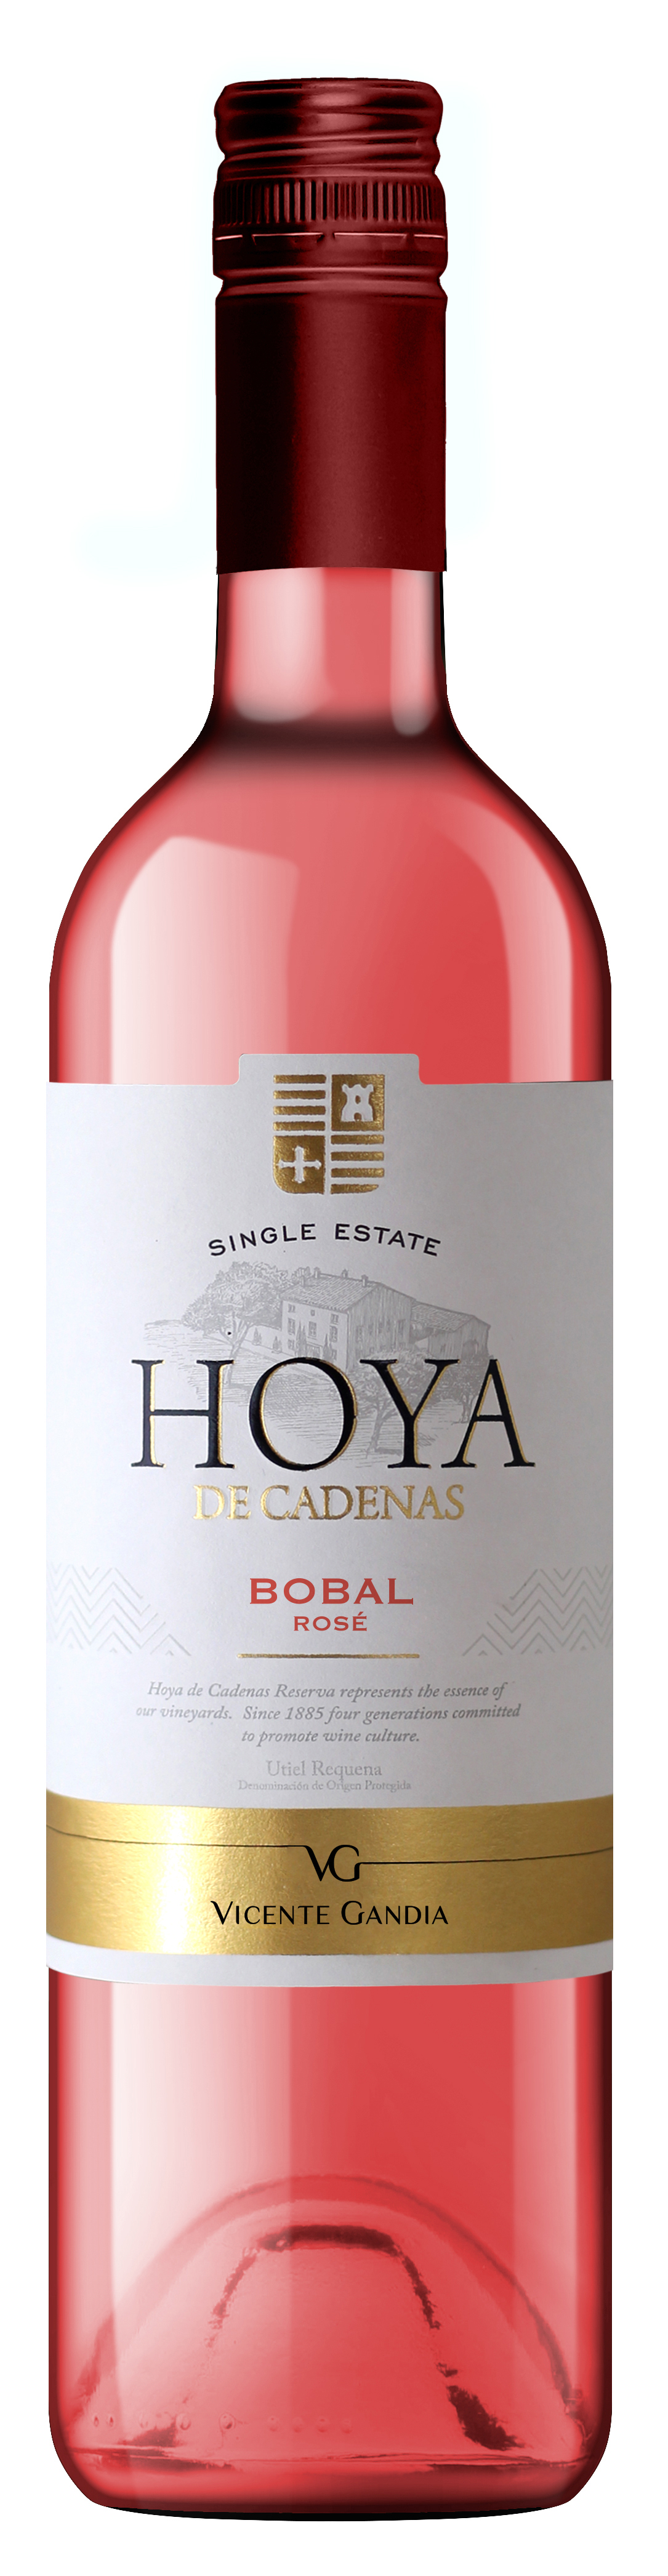 Hoya de Cadenas Rosado